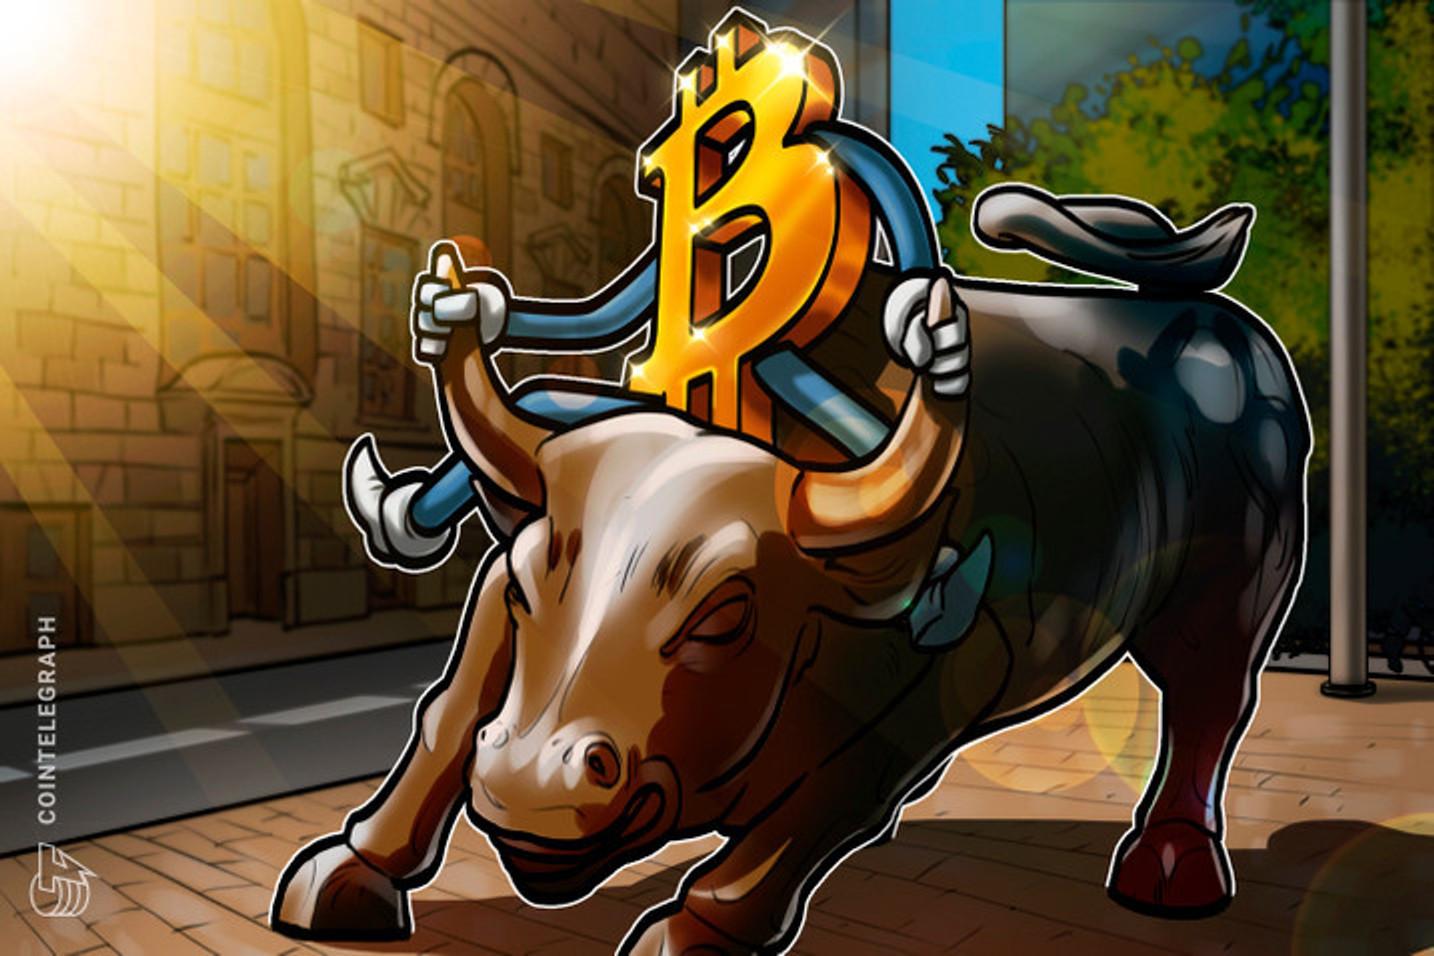 Bitcoin já valorizou 895% comparado com o Ibovespa e poupança é o pior investimento